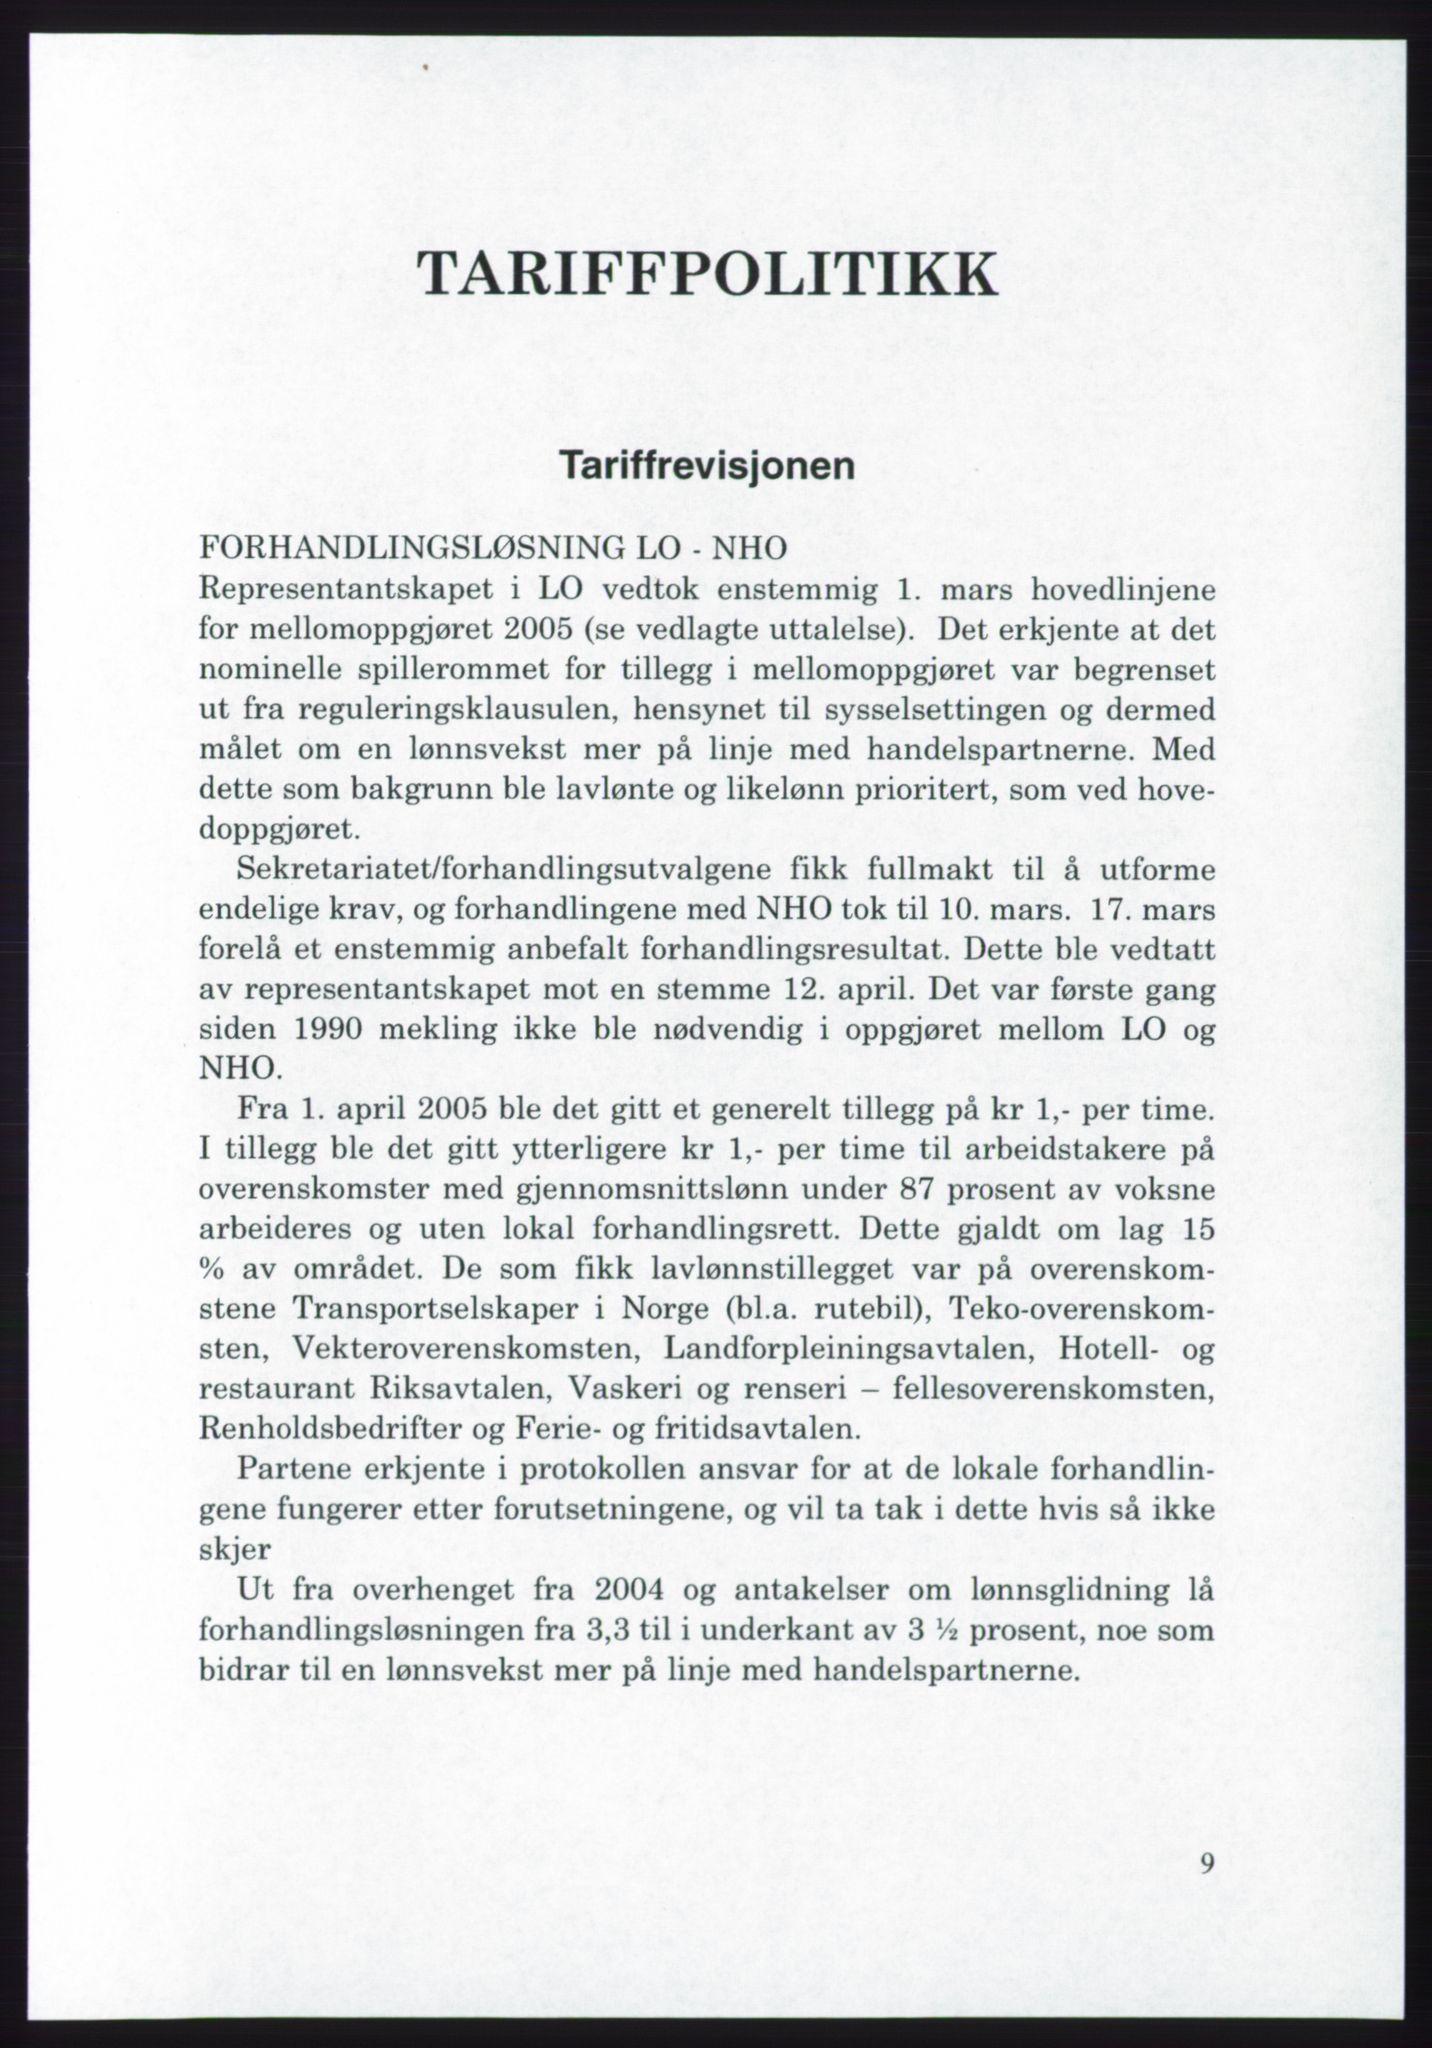 AAB, Landsorganisasjonen i Norge - publikasjoner, -/-: Landsorganisasjonens beretning for 2005, 2005, s. 9